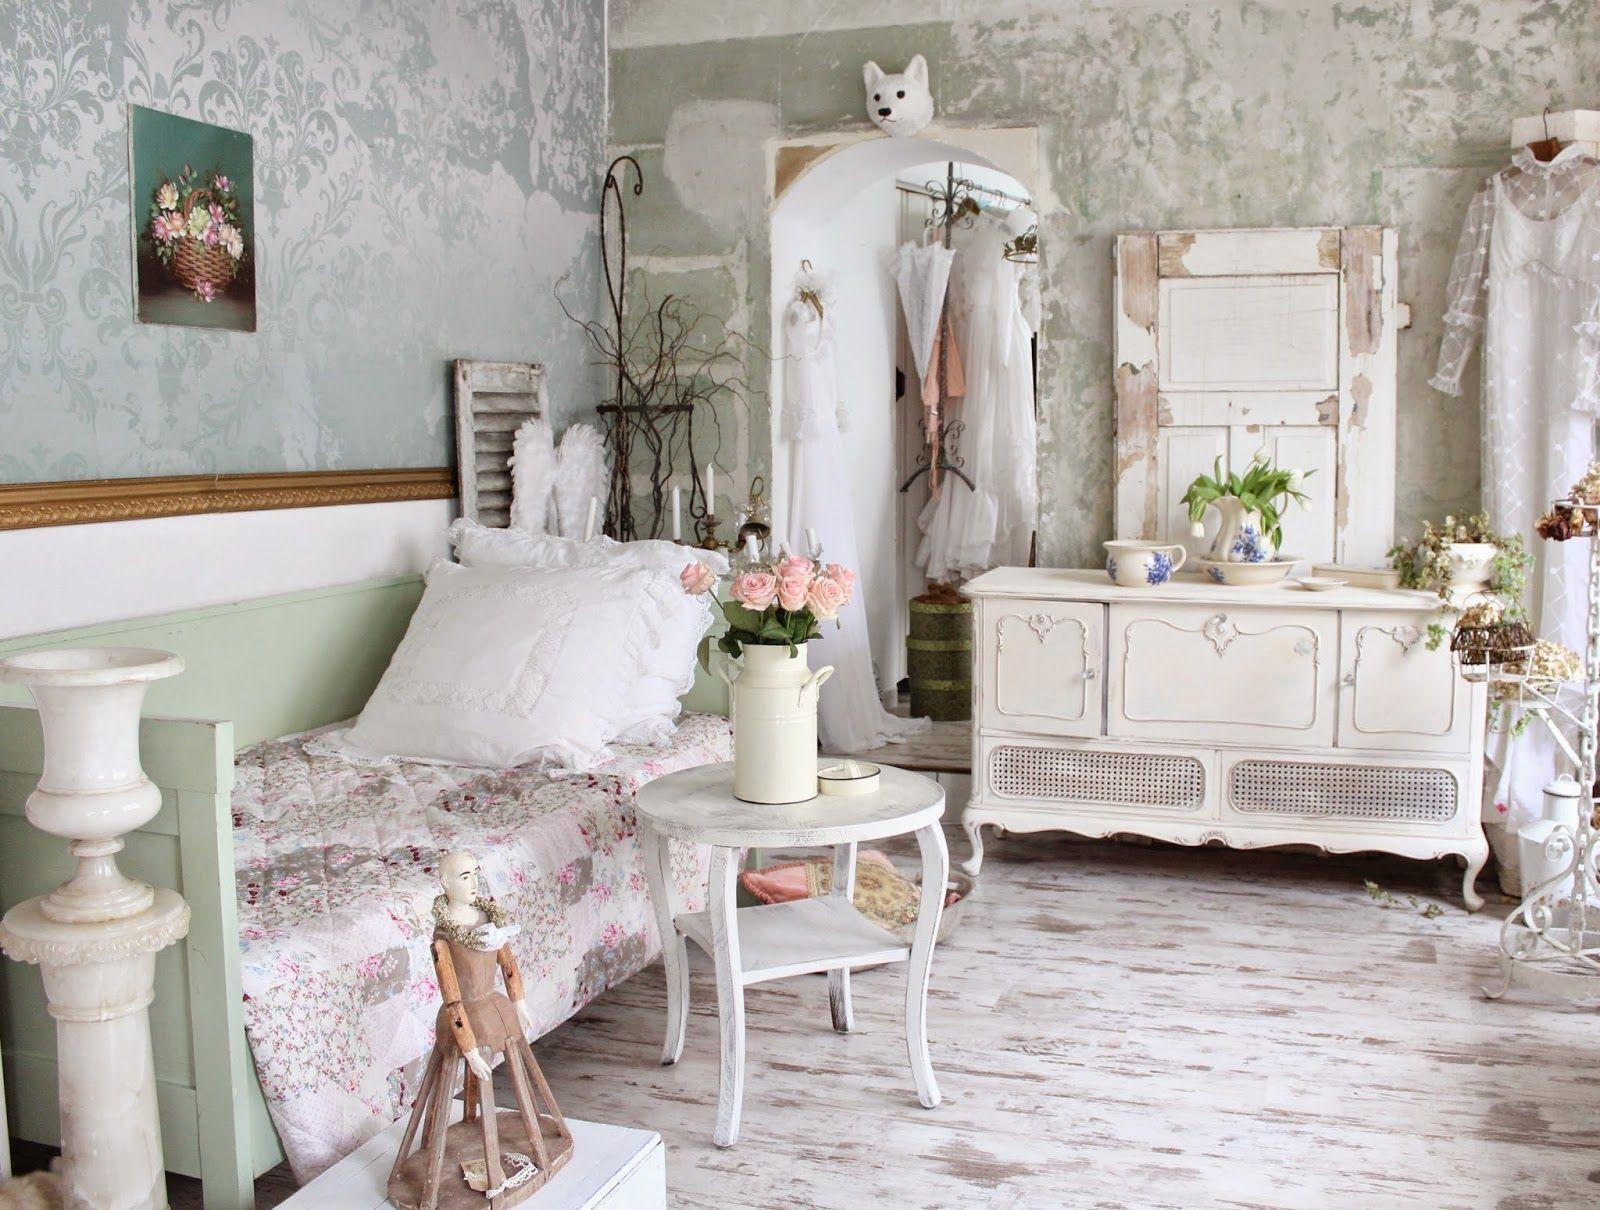 Дизайн спальни в стиле шебби шик - особенности выбора мебели и текстиля, советы и фото идеи